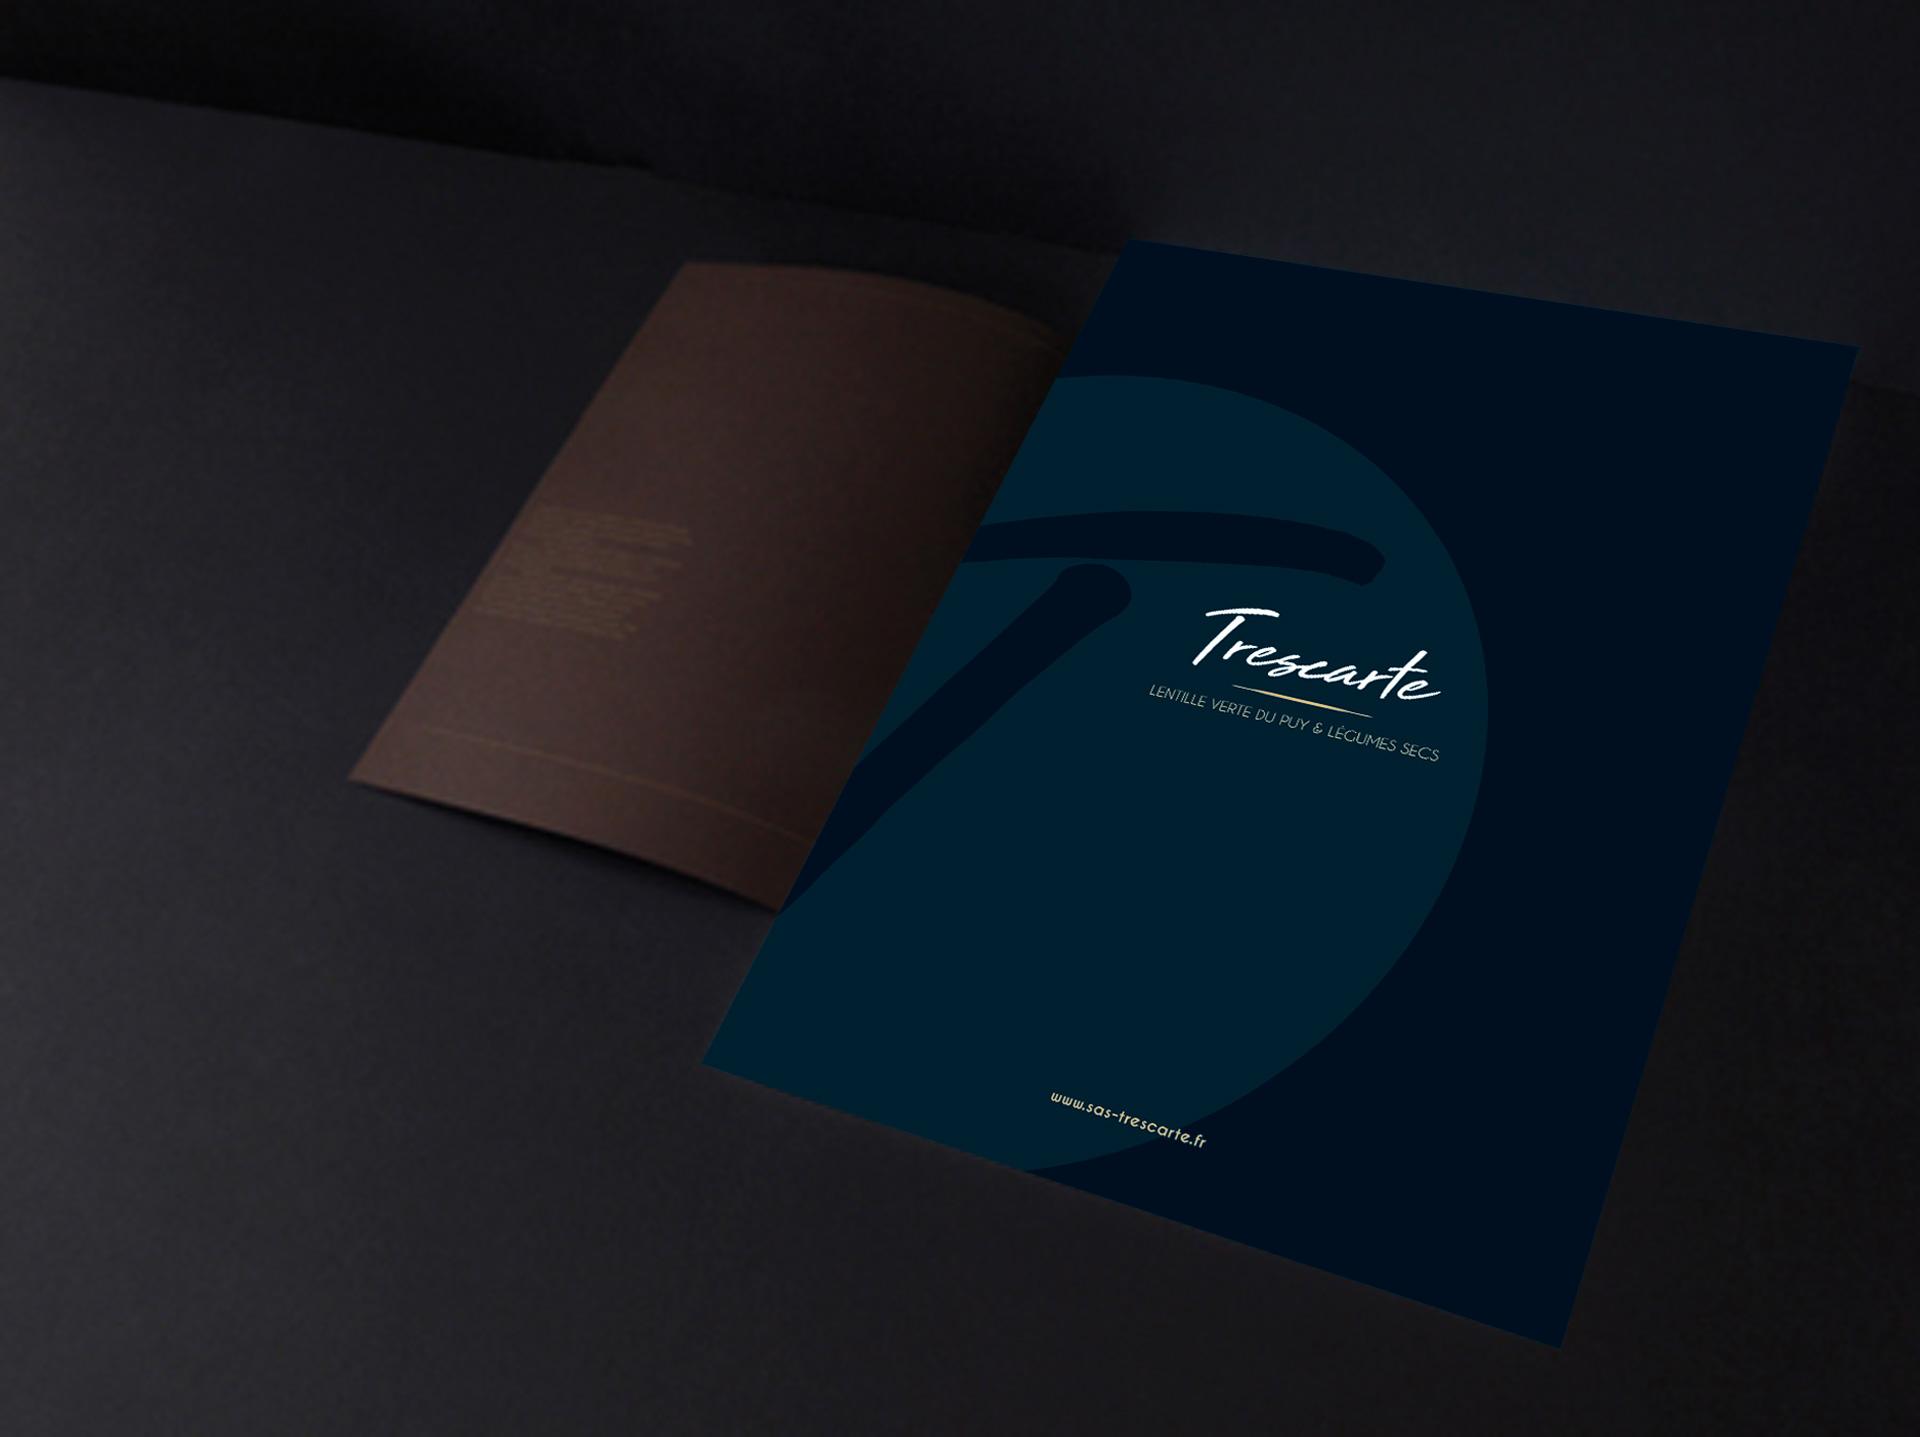 Pochette entreprise avec Identité visuelle Trescarte par l'agence studio N°3